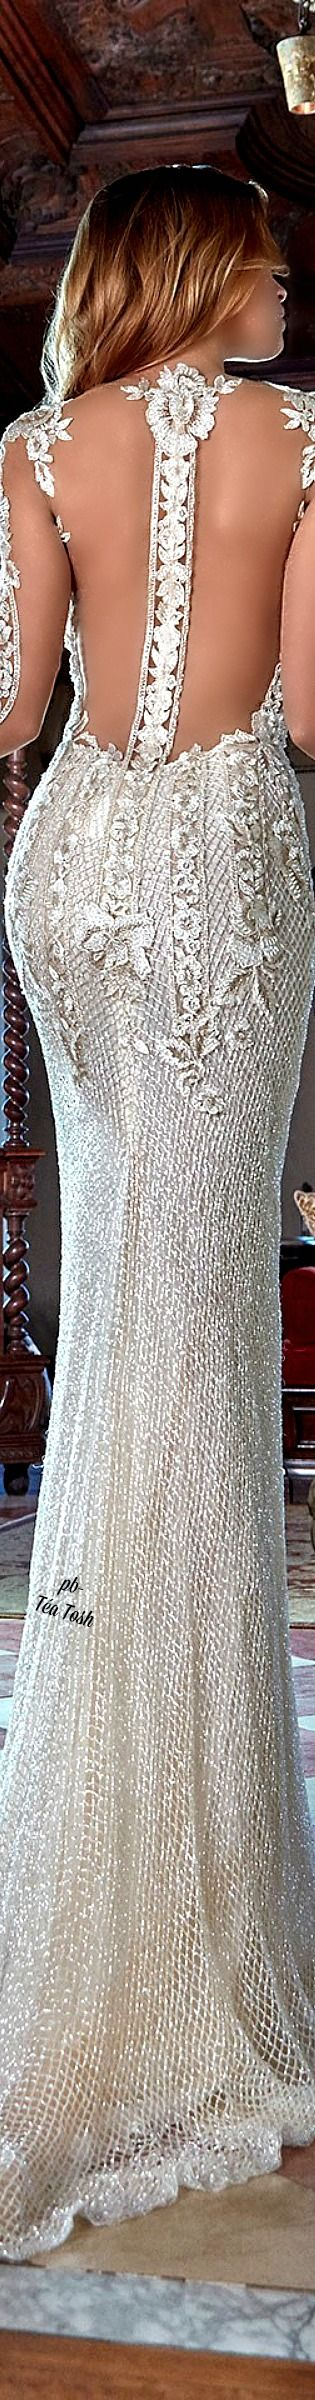 手机壳定制discount online shoes  T a Tosh  Galia Lahav Le Secret Royal Spring    Haute Couture Bridal